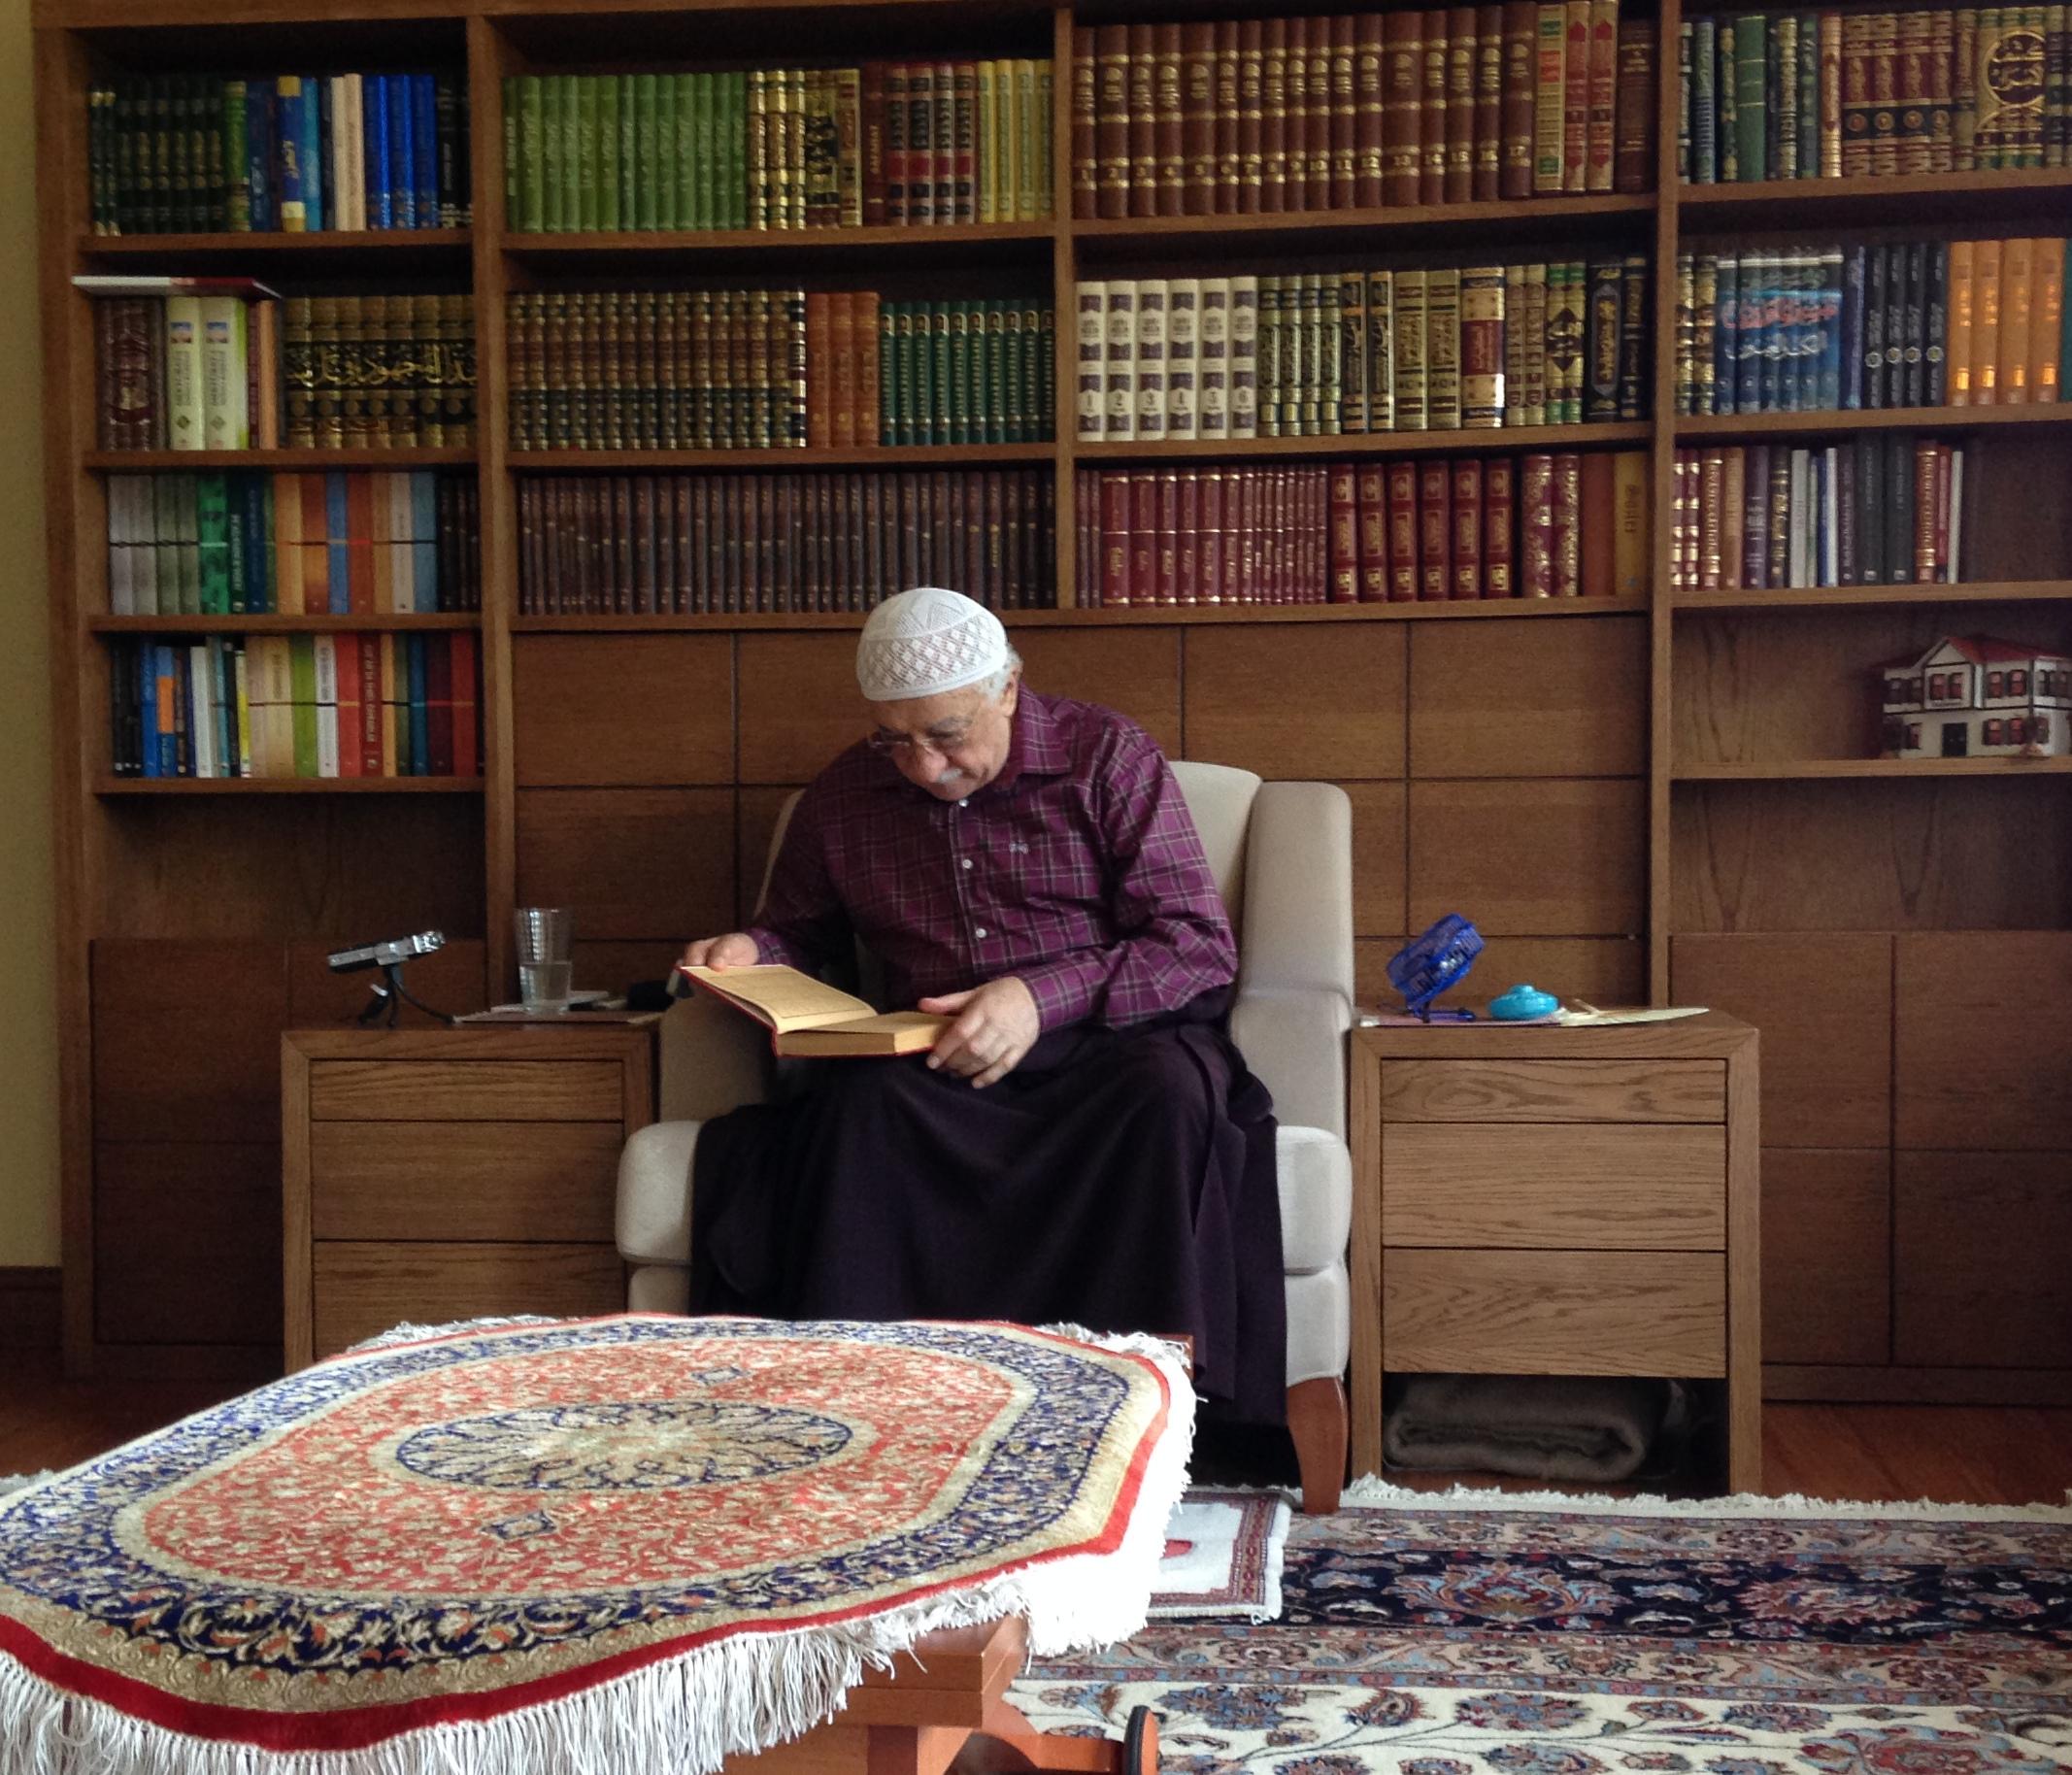 Muhterem Fethullah Gülen Hocaefendi Tefsir dersinde bir kelimenin farklı manaları için lügate bakarken